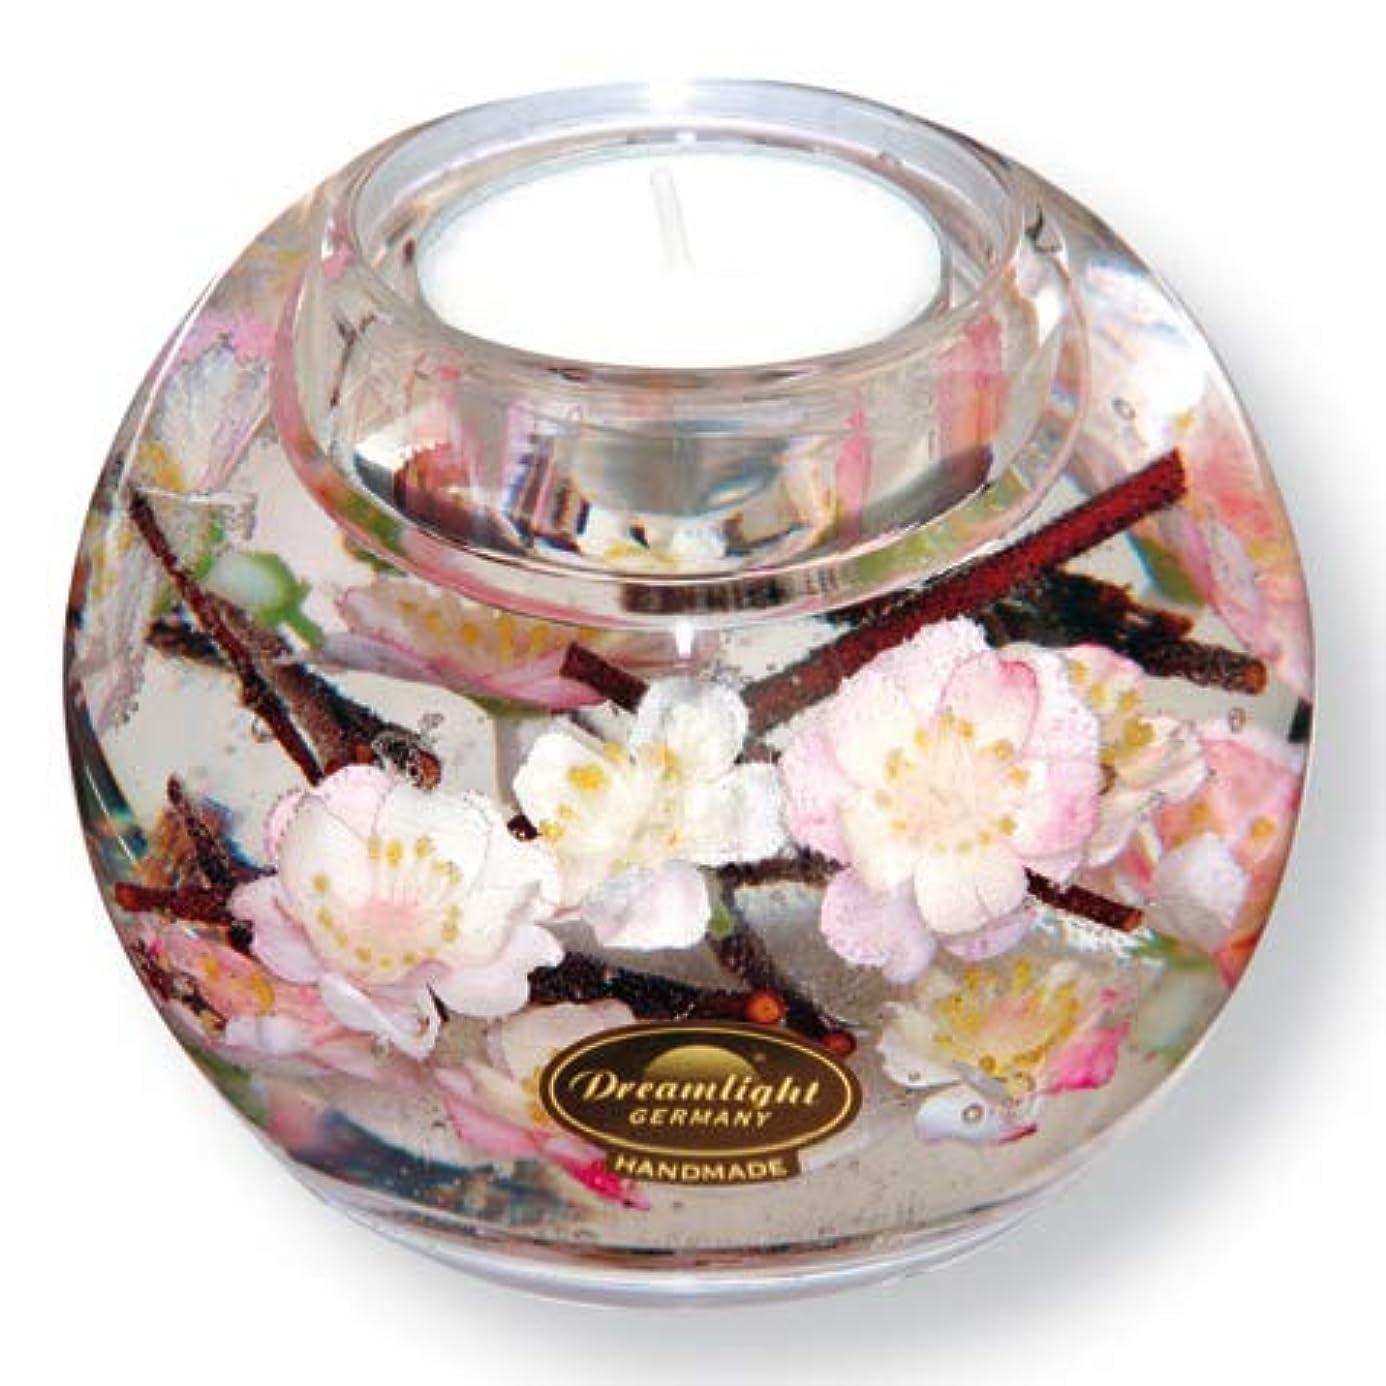 田舎者北米トラフドリームライト マーキュリー サクラ 花 キャンドルホルダー ガラス キャンドルスタンド おしゃれ